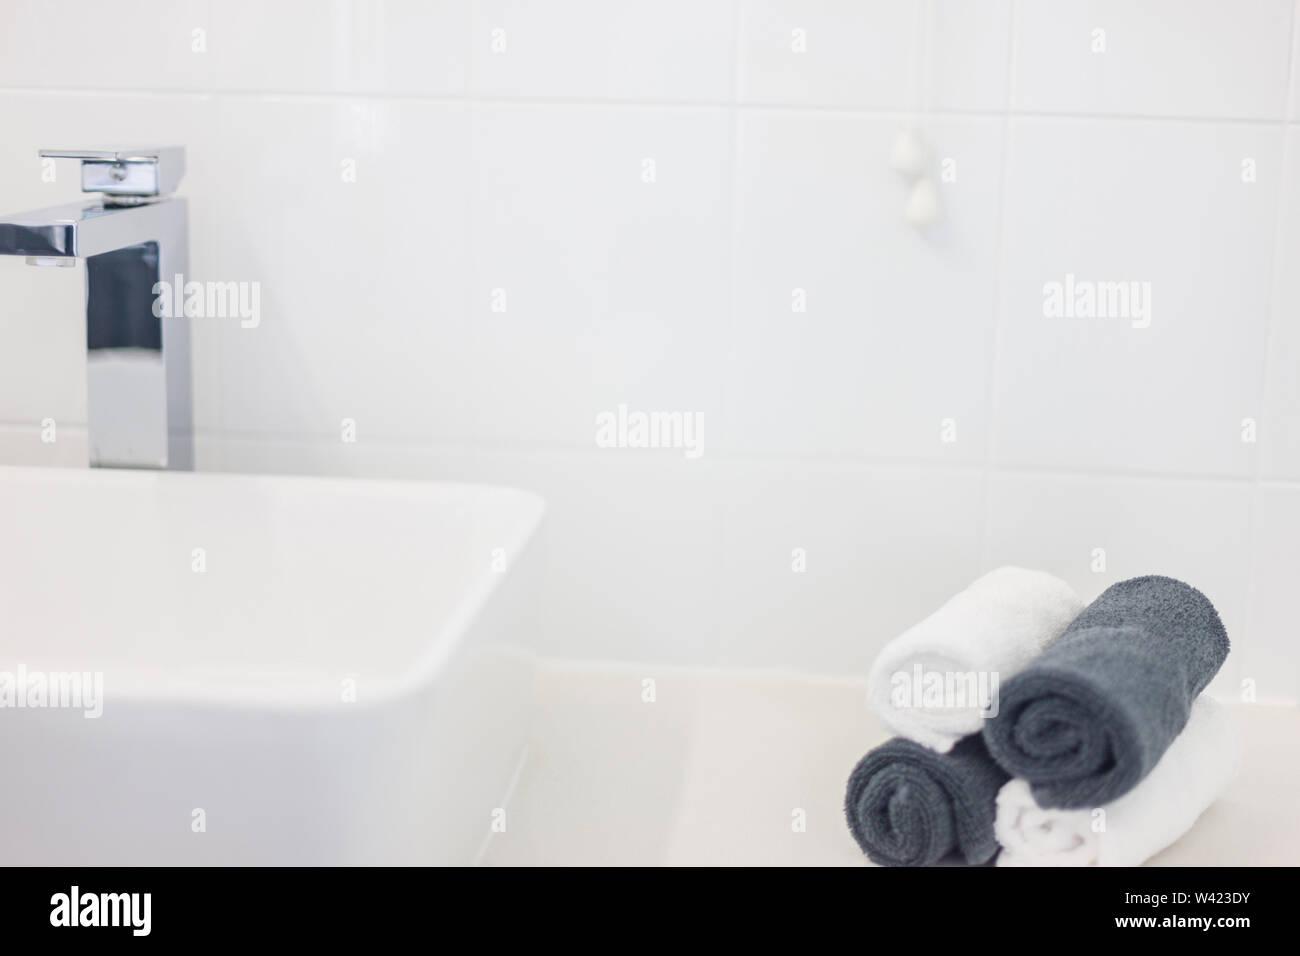 Vue d'un lavabo contemporain design, un robinet exquis et retroussa les serviettes de main en noir et blanc Photo Stock